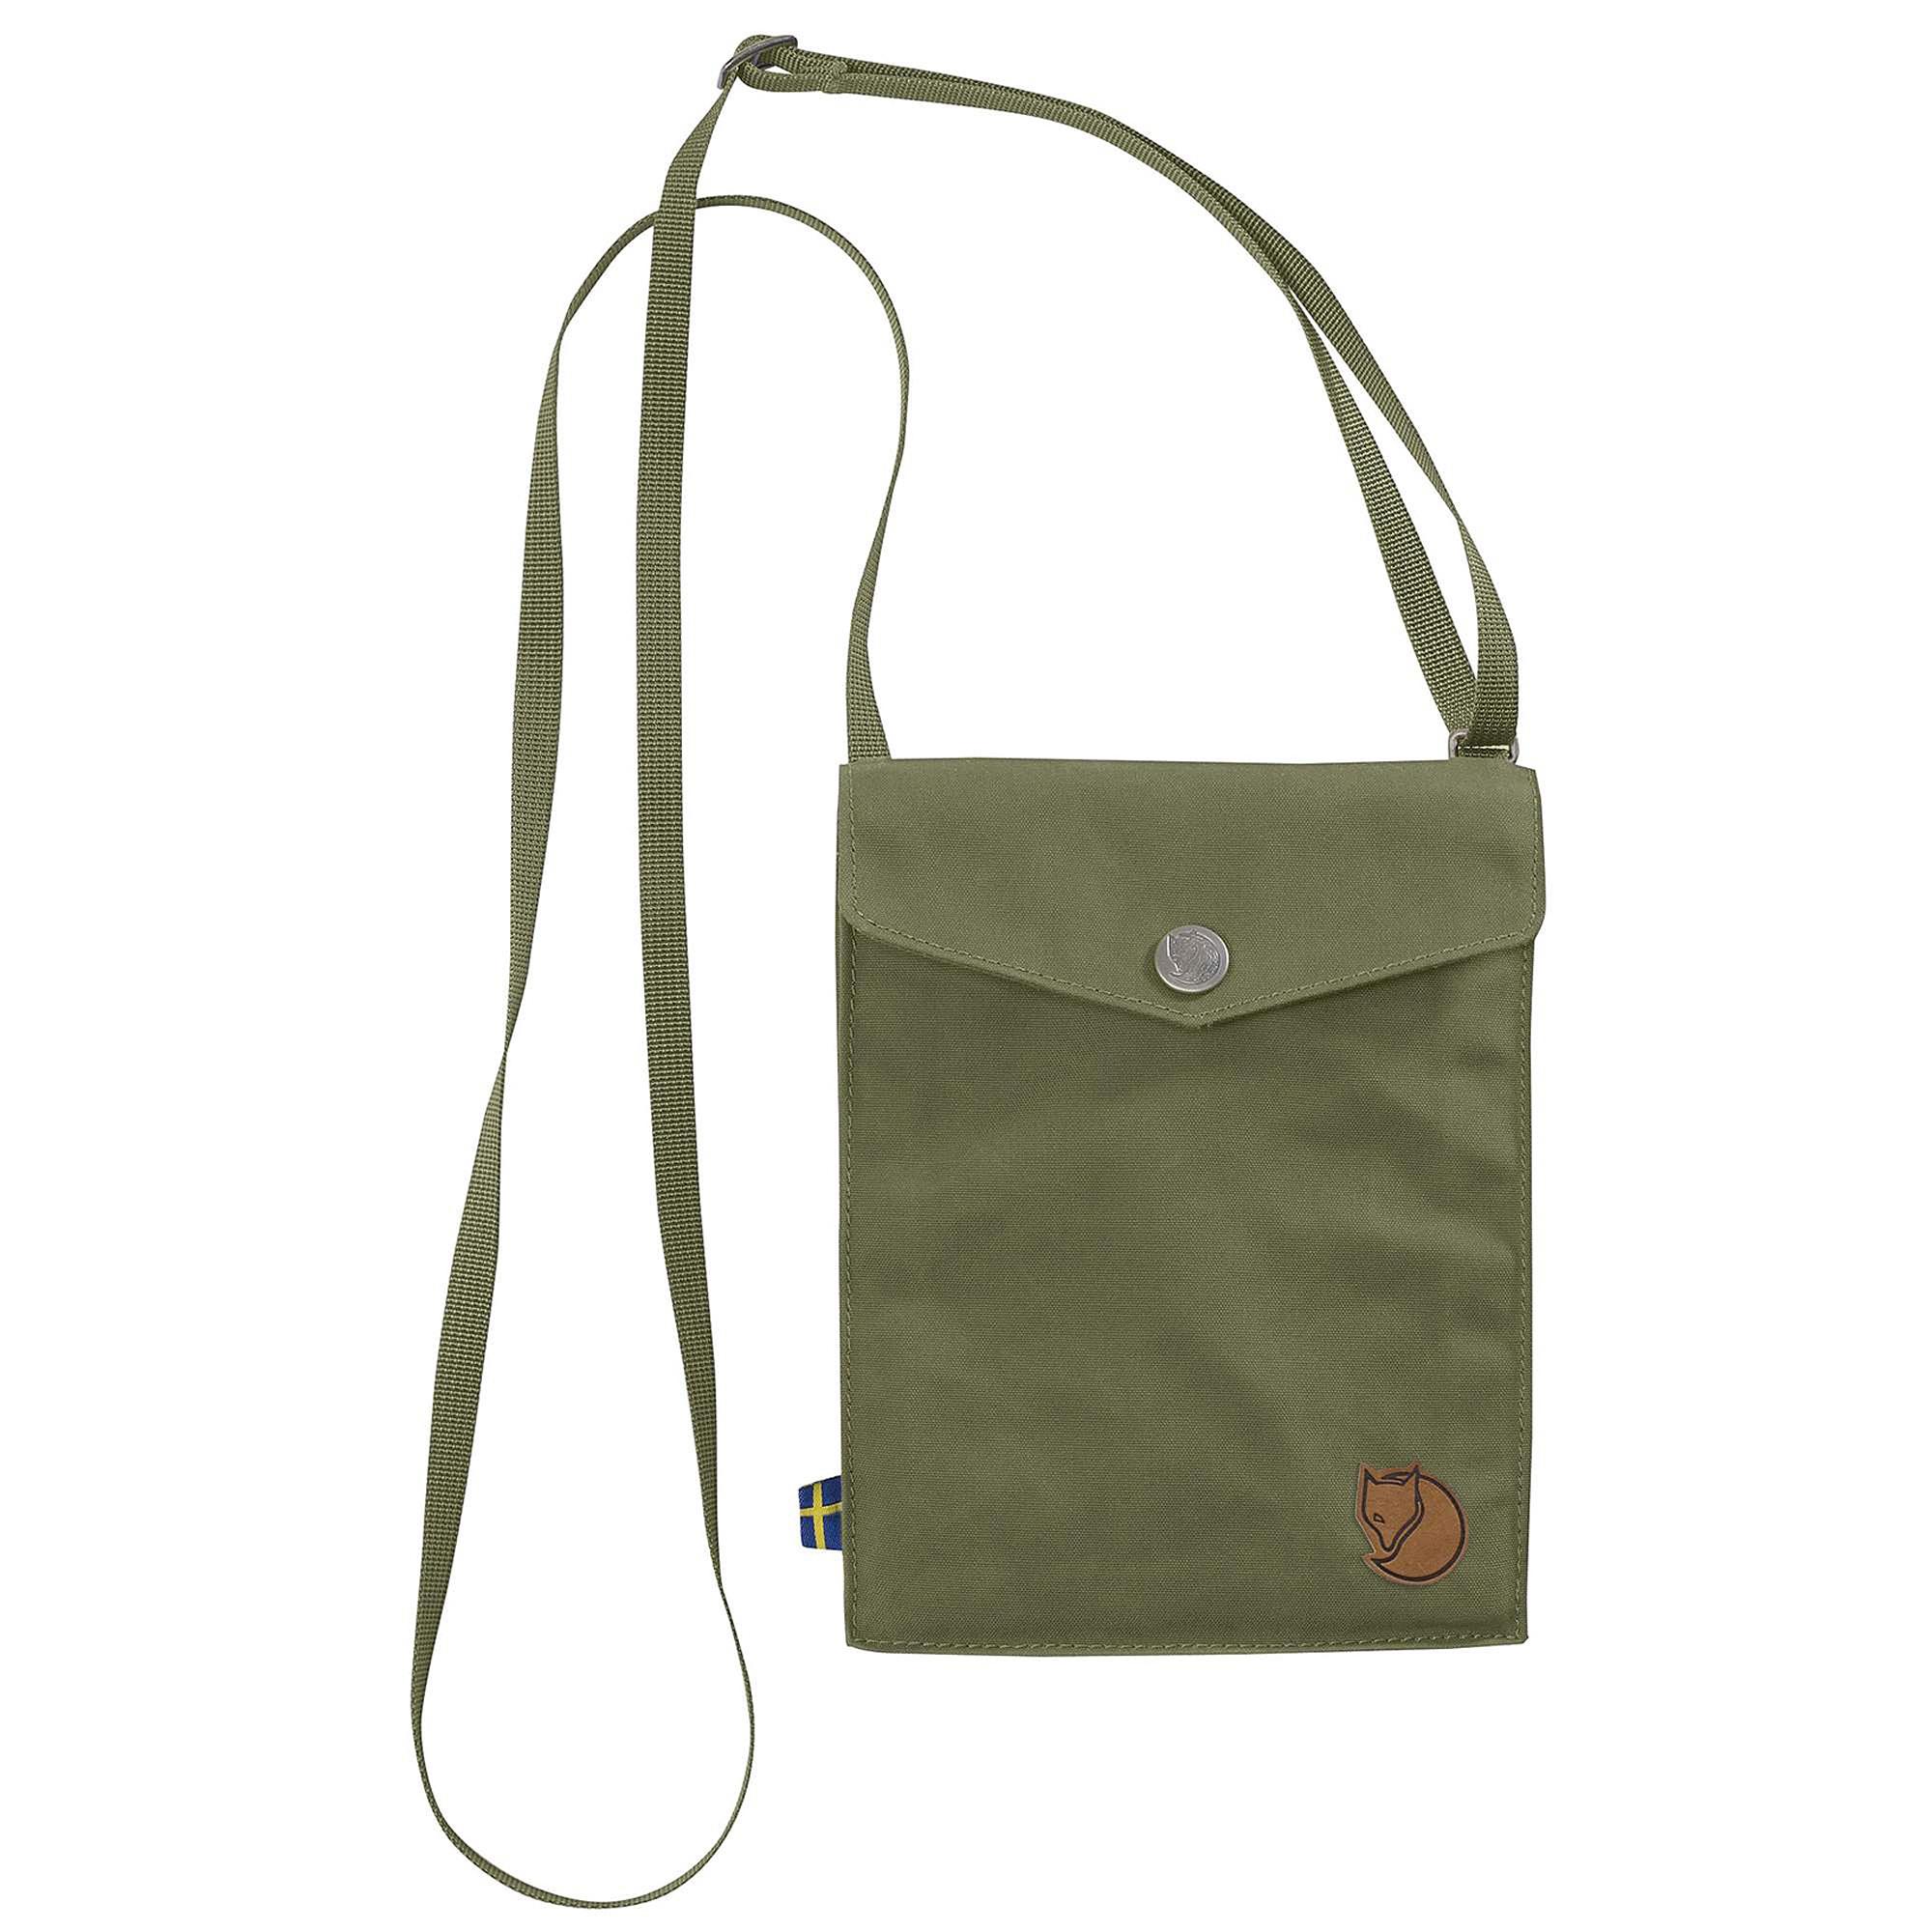 Designtorget Fjällräven Pocket Green